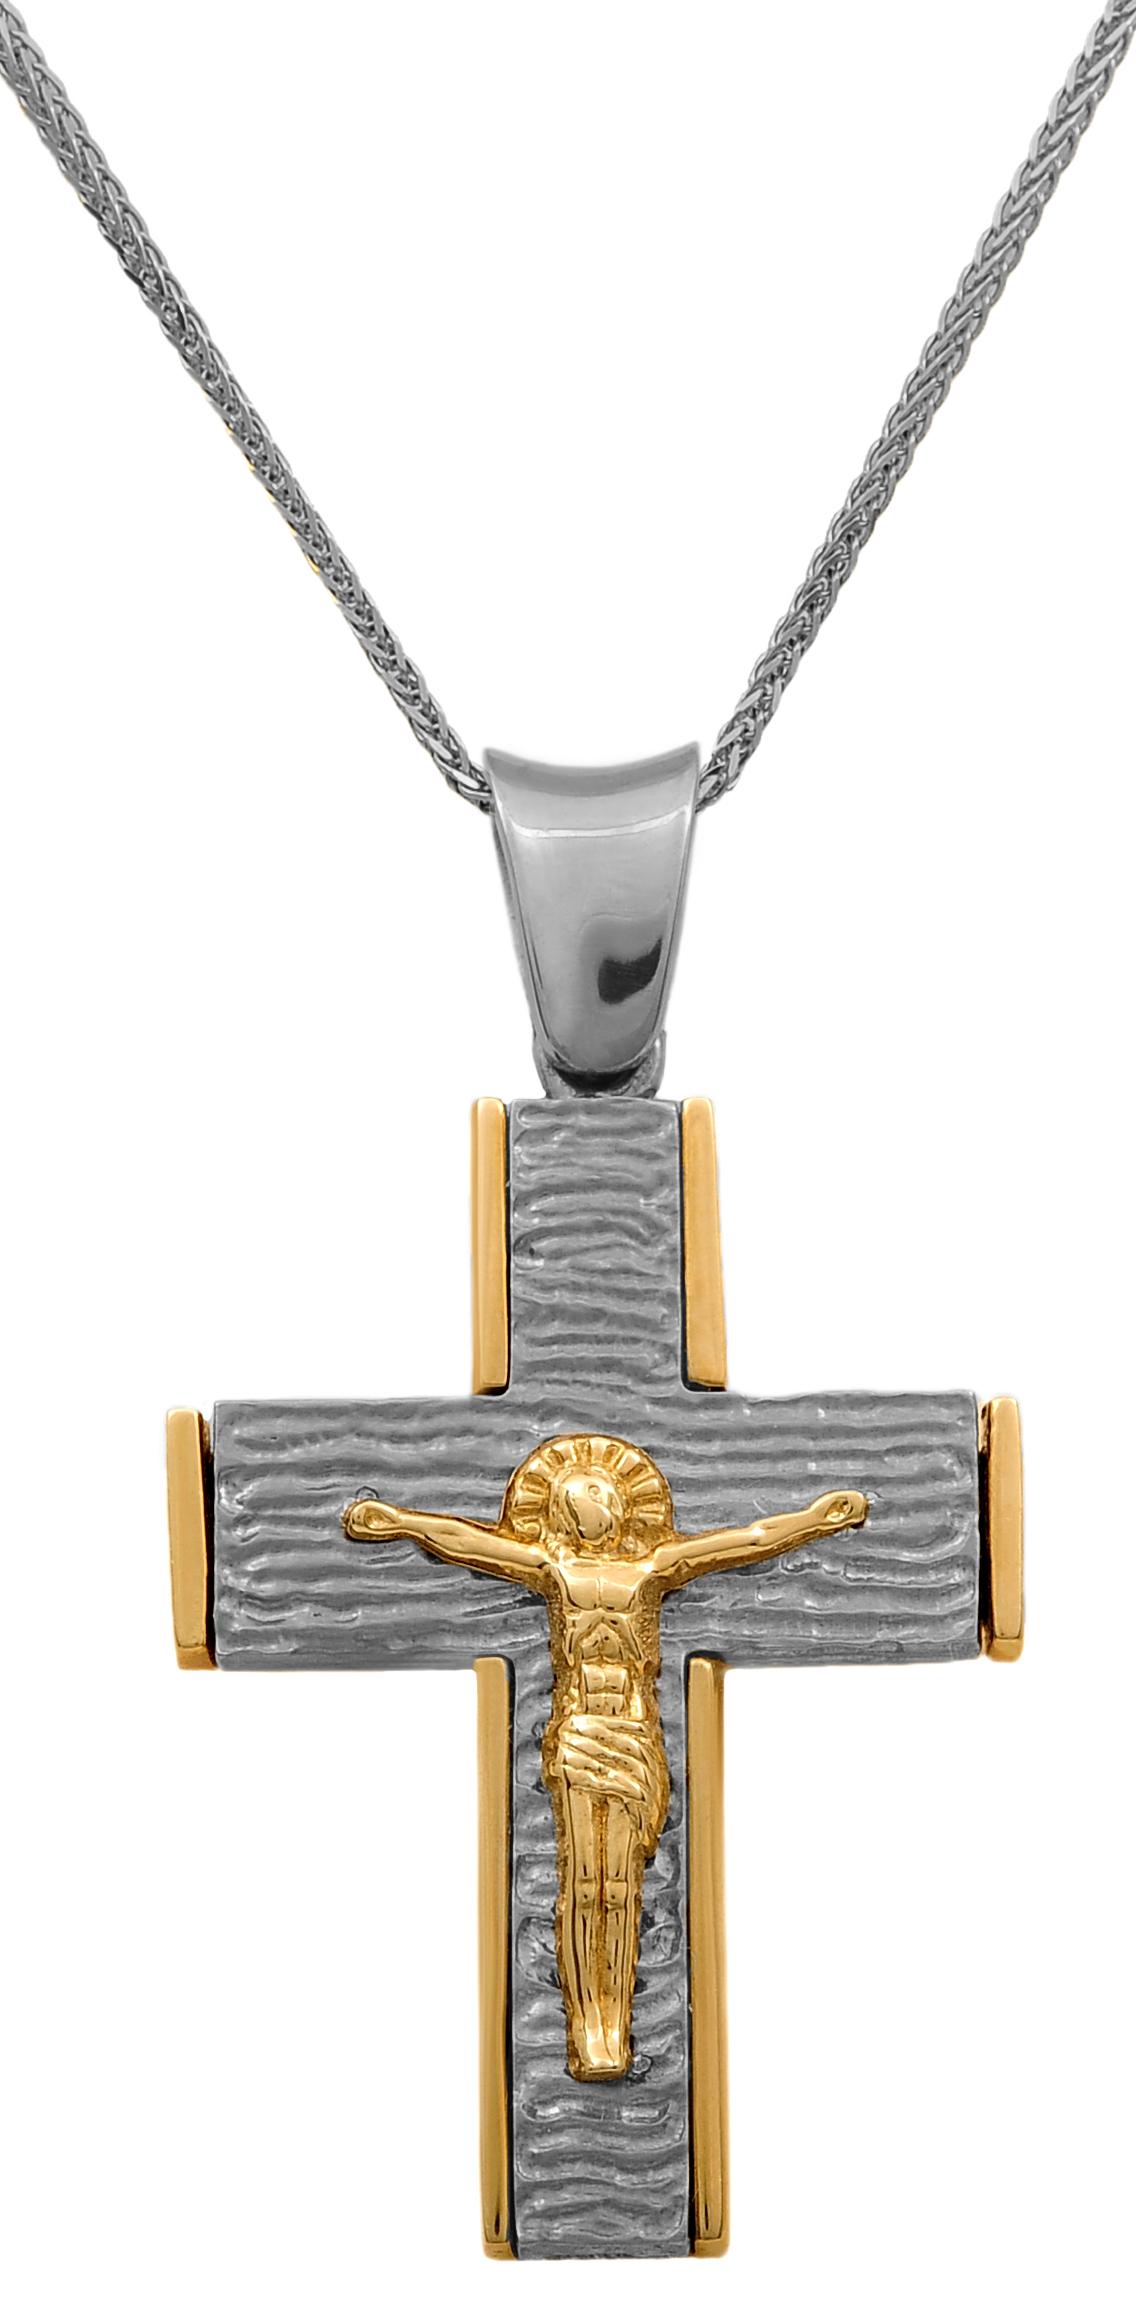 Βαπτιστικοί Σταυροί με Αλυσίδα Δίχρωμος σταυρός 14Κ με αλυσίδα 012183C Ανδρικό Χρυσός 14 Καράτια